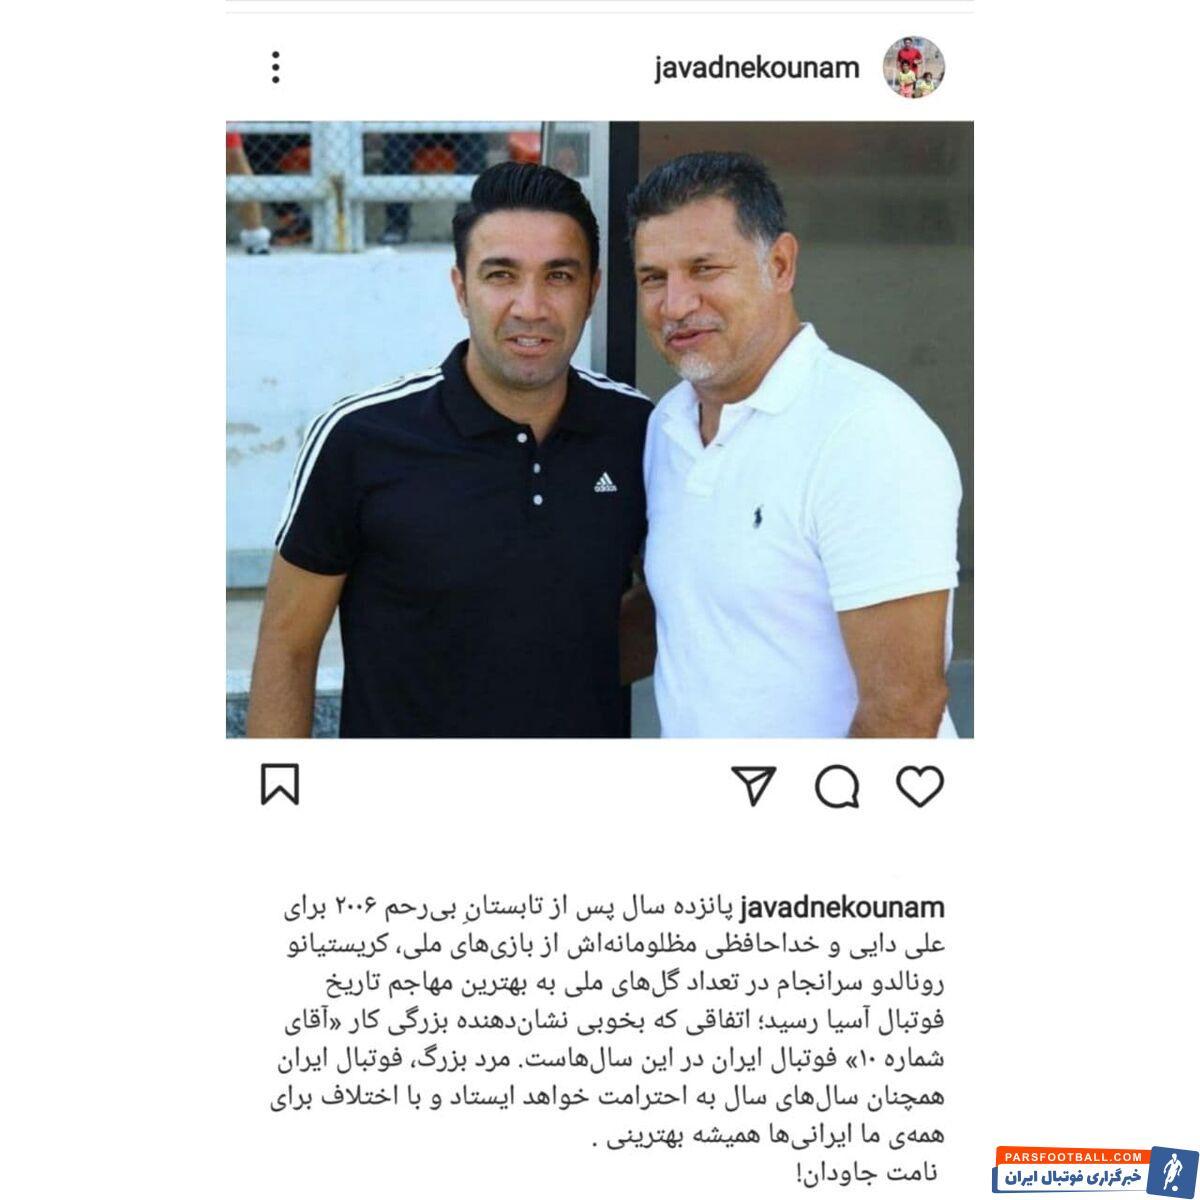 جواد نکونام خطاب به علی دایی : مرد بزرگ، فوتبال ایران همچنان سالهای سال به احترامت خواهد ایستاد